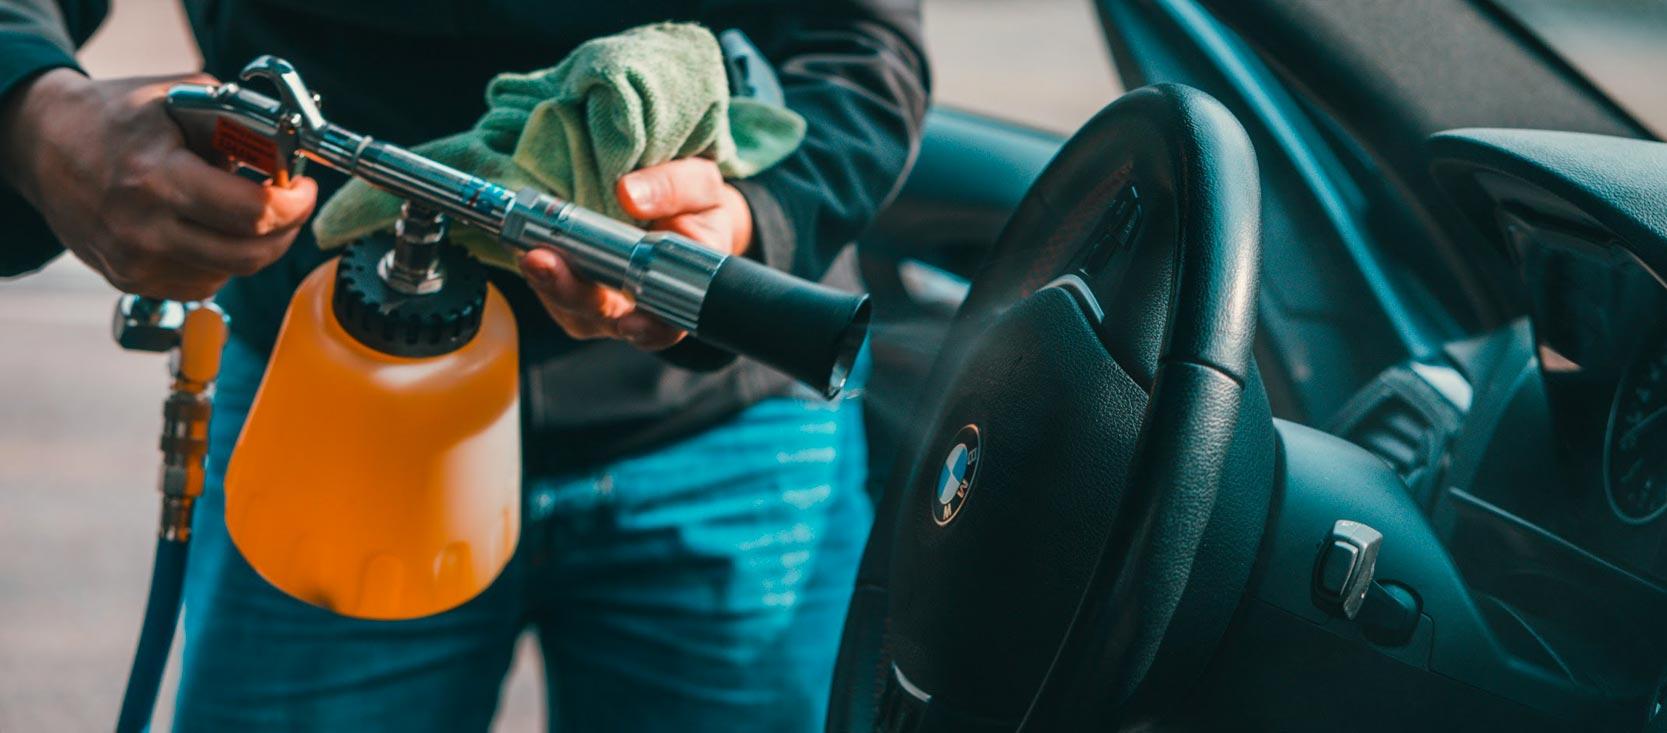 Actualité : nettoyage de véhicules professionnels et utilitaires sur Nîmes, Montpellier, Lunel, Gard et Hérault